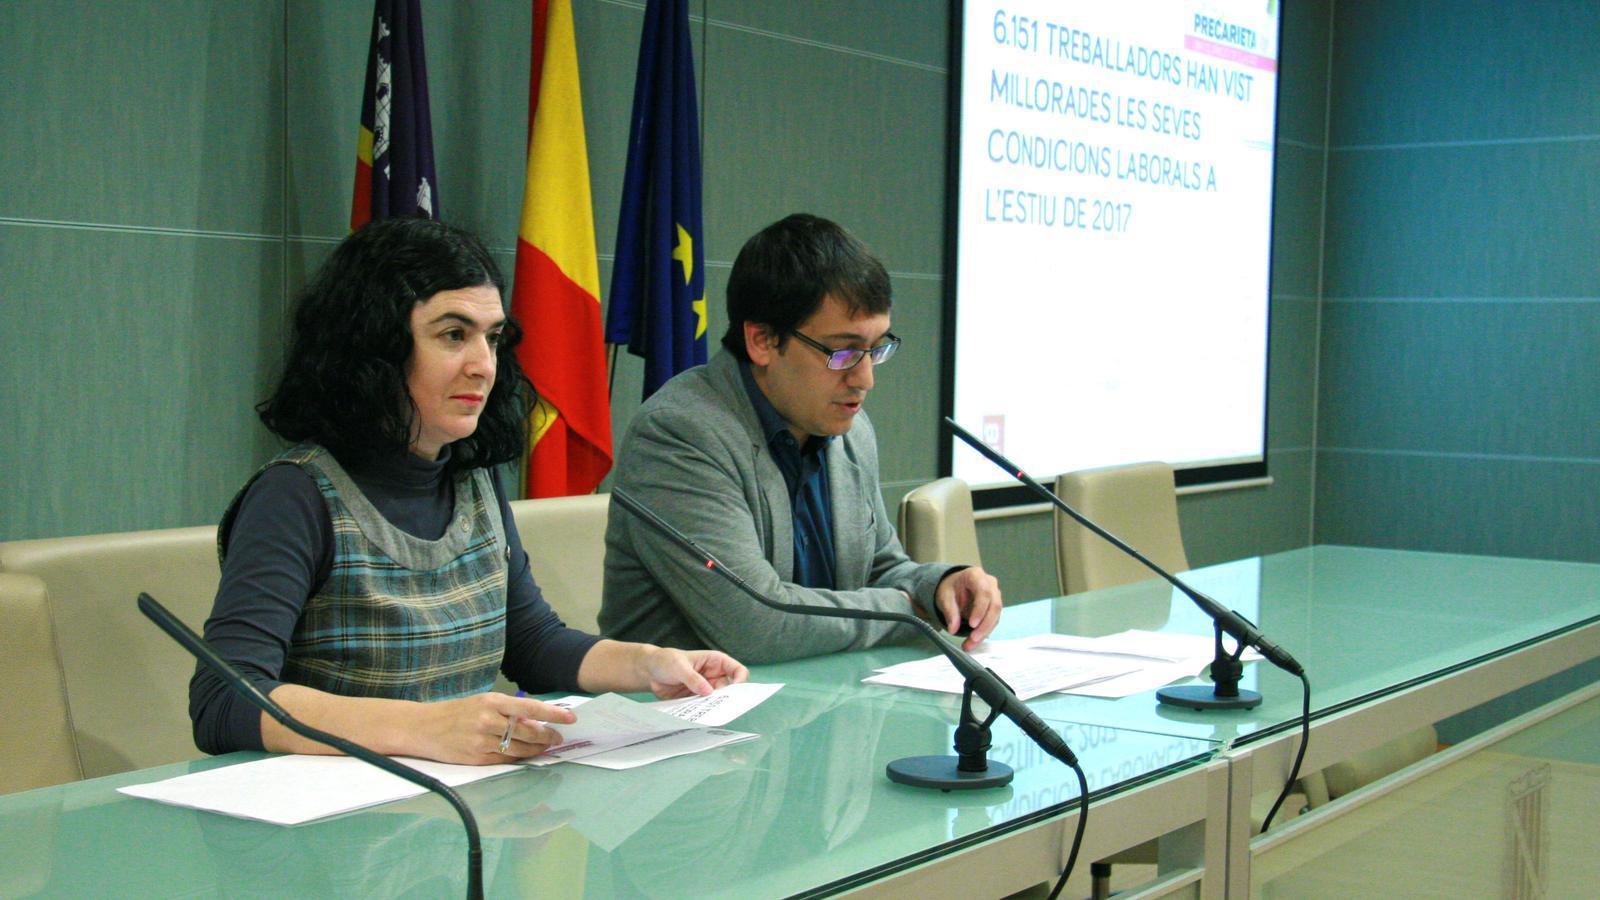 El conseller de Treball, Comerç i Indústria presenta els resultats del Pla de Lluita contra la Precarietat en el Treball